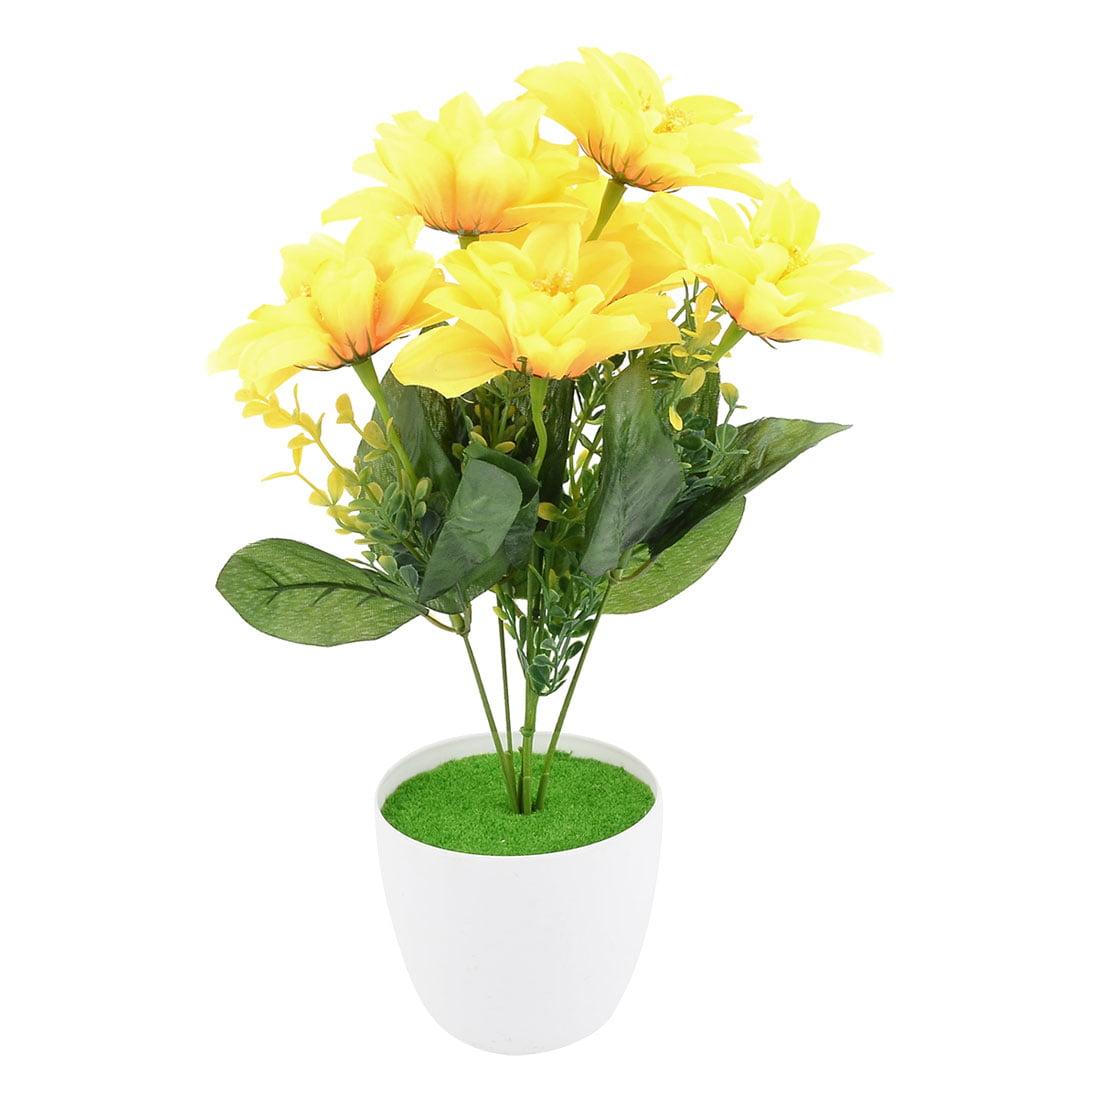 Unique Bargains Office Plastic DIY Craft Ornament Artificial Simulation Flower Bouquet Yellow